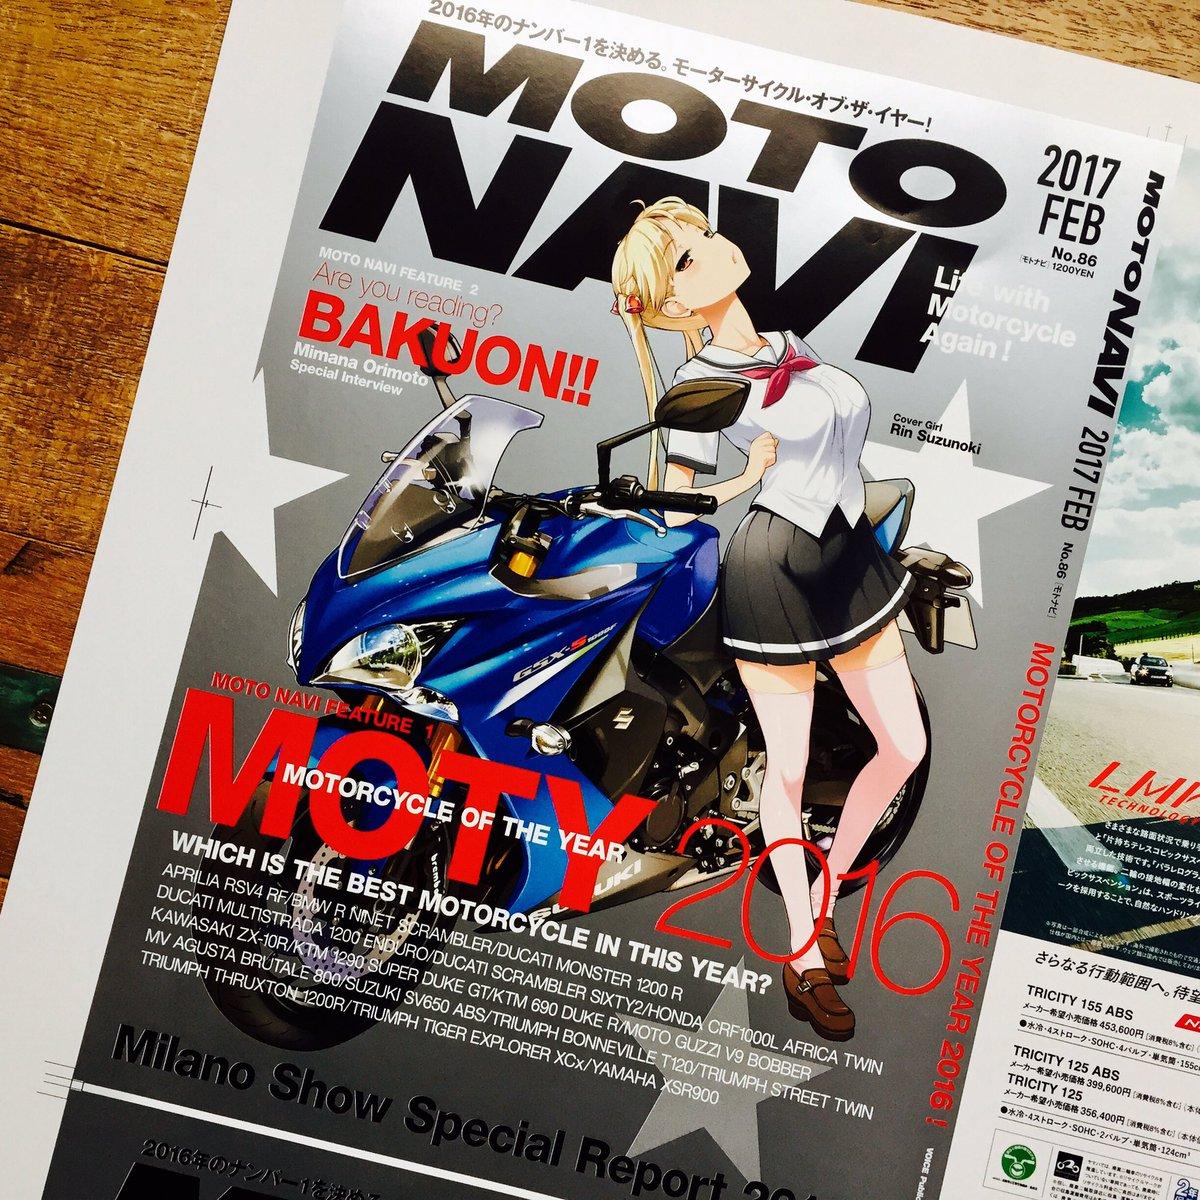 12月24日MOTO NAVI最新号表紙は「ばくおん‼︎」の鈴乃木 凜ちゃんです^ ^#motonavi #bakuon